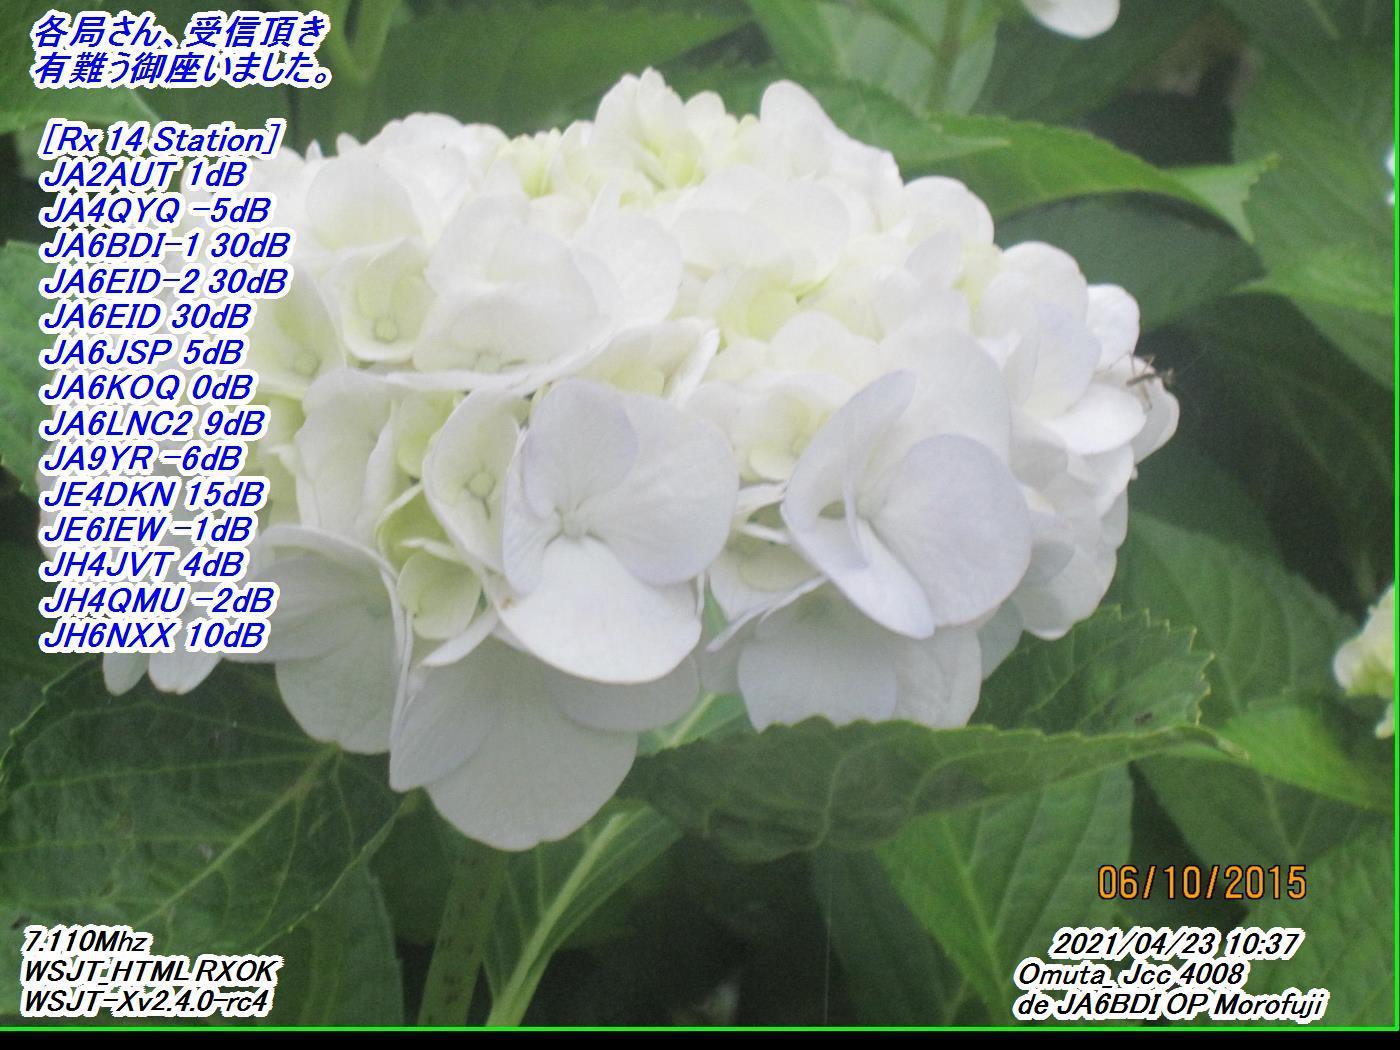 JH4QMU-2/